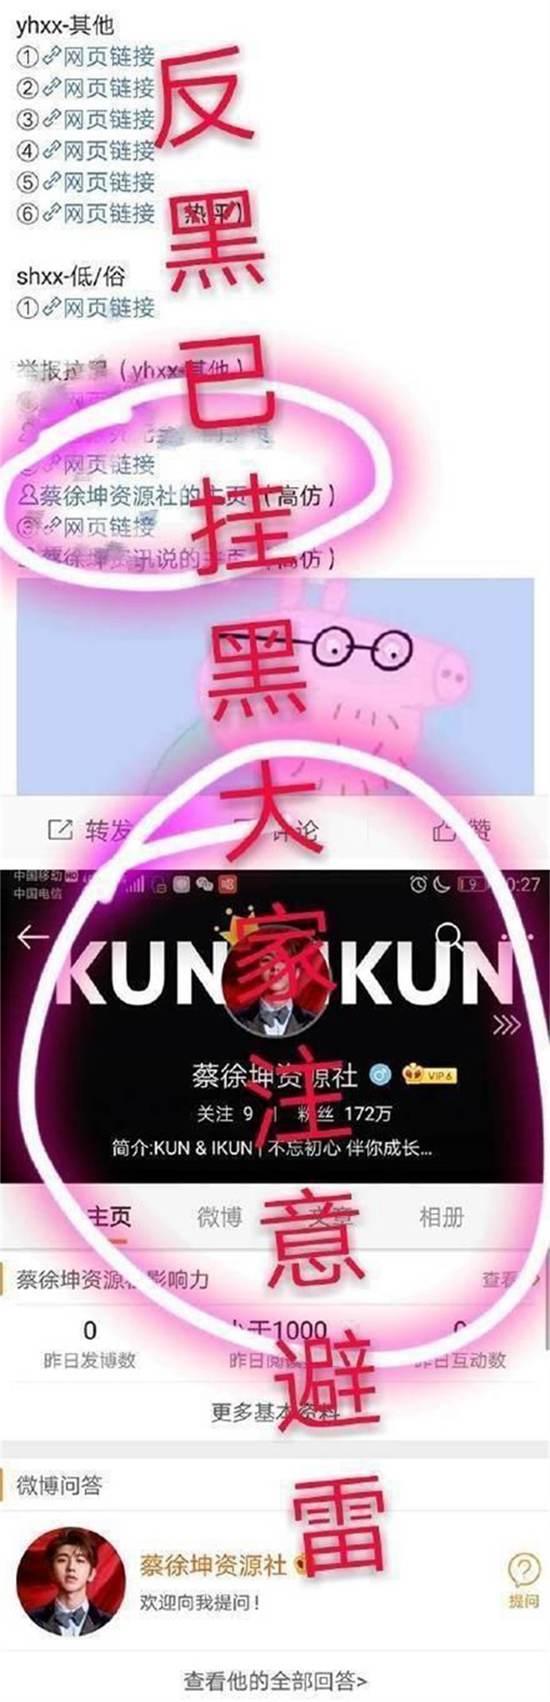 权志龙大粉更名引起粉丝抵制_WWW.66152.COM